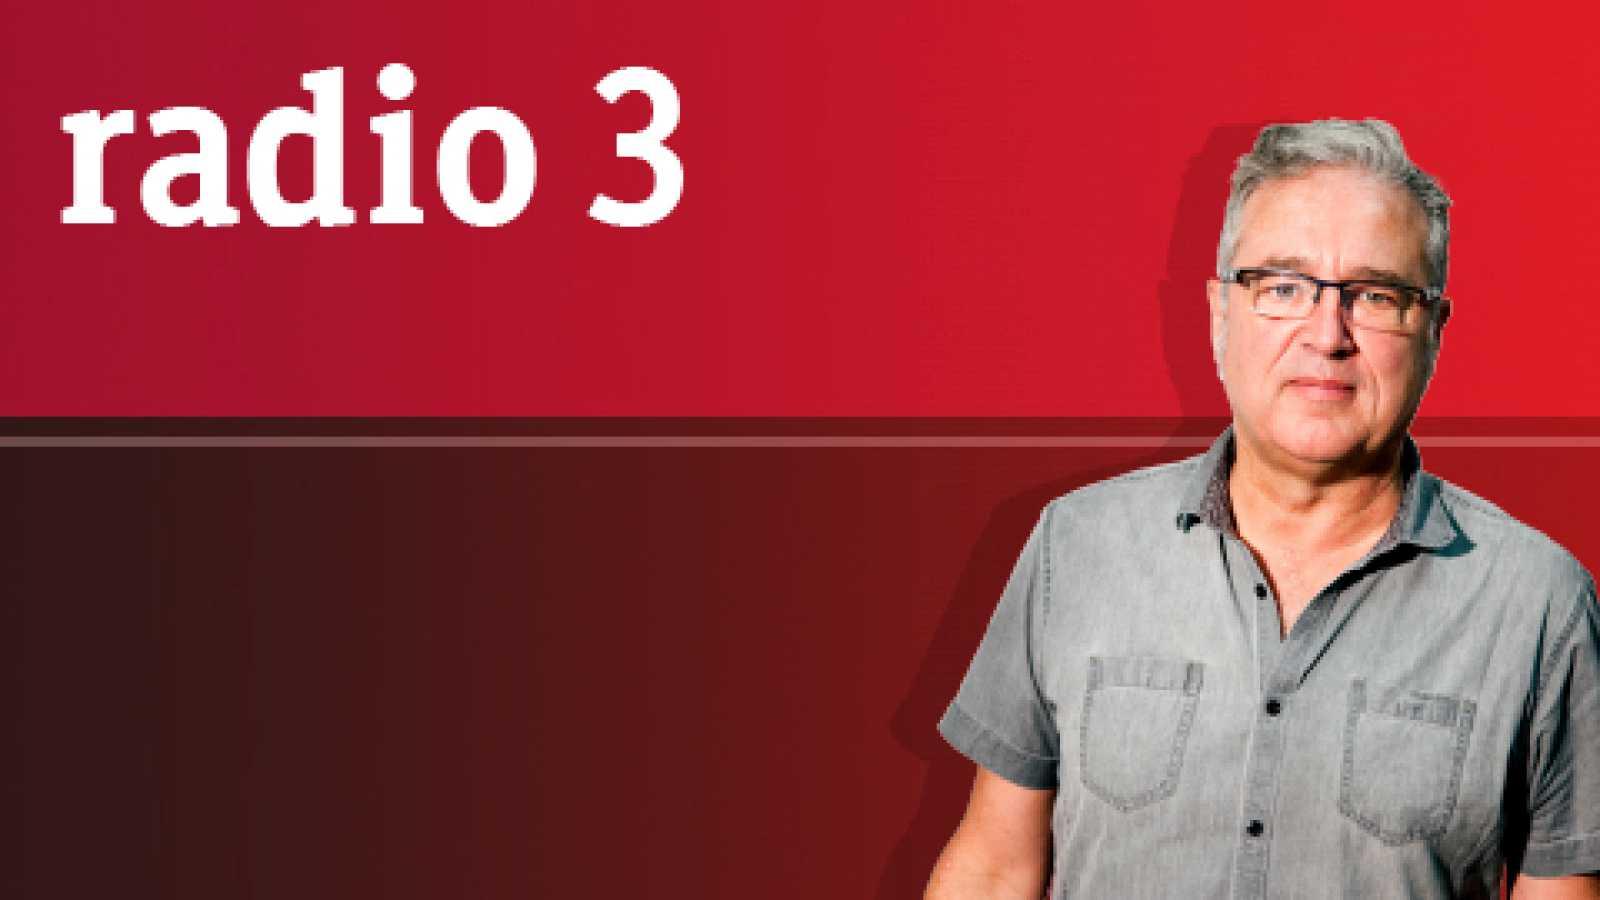 Tarataña - Desde el Segontia Folk, Luis Antonio Pedraza en directo - 29/01/17 - escuchar ahora